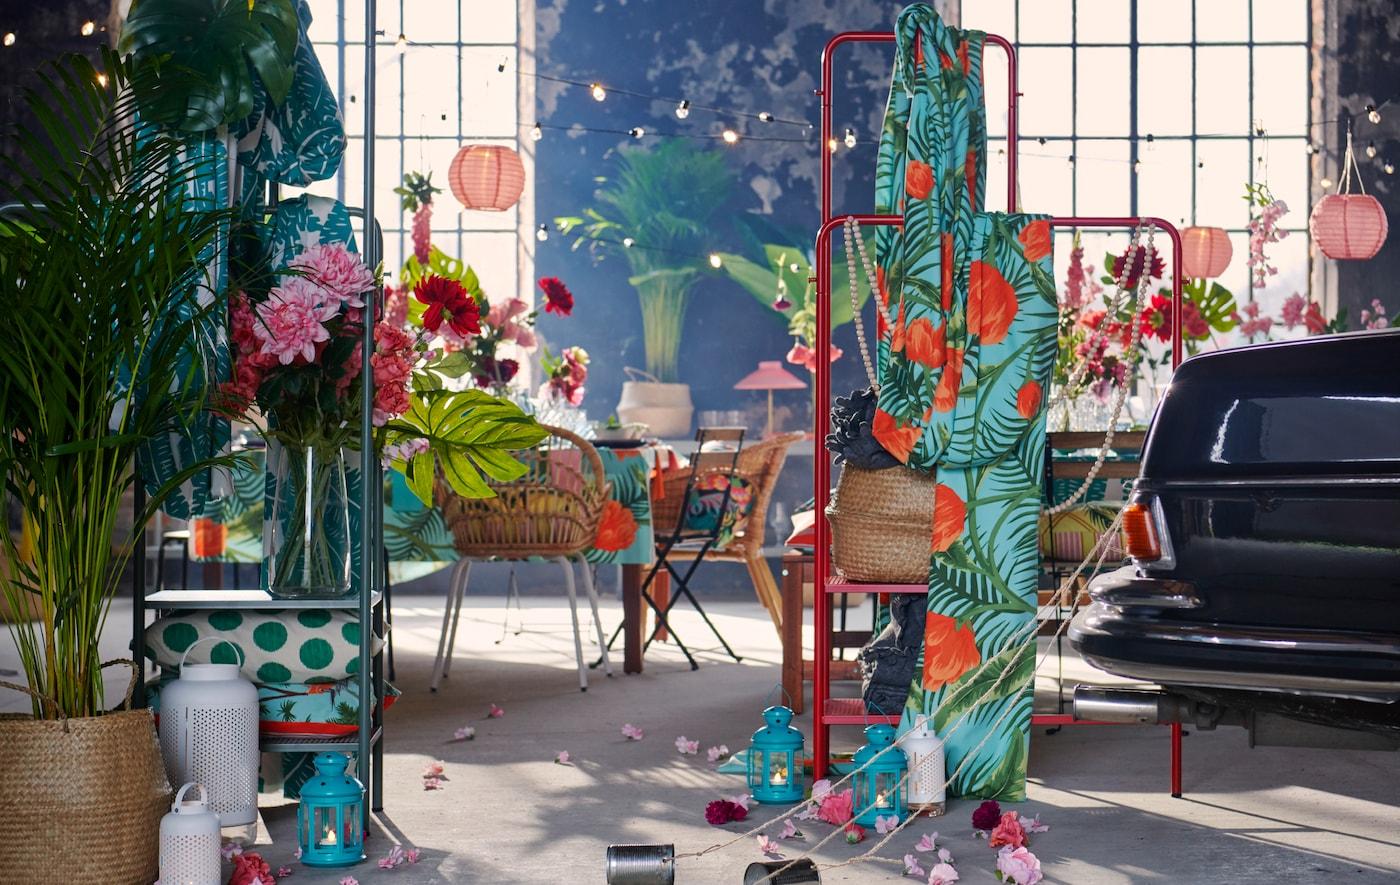 Geräumiger Innenraum im Industriestil, geschmückt mit Textilien, Dekorationen und Pflanzen. Am rechten Bildrand ist ein Auto zu sehen, an dessen Heck Dosen befestigt sind.